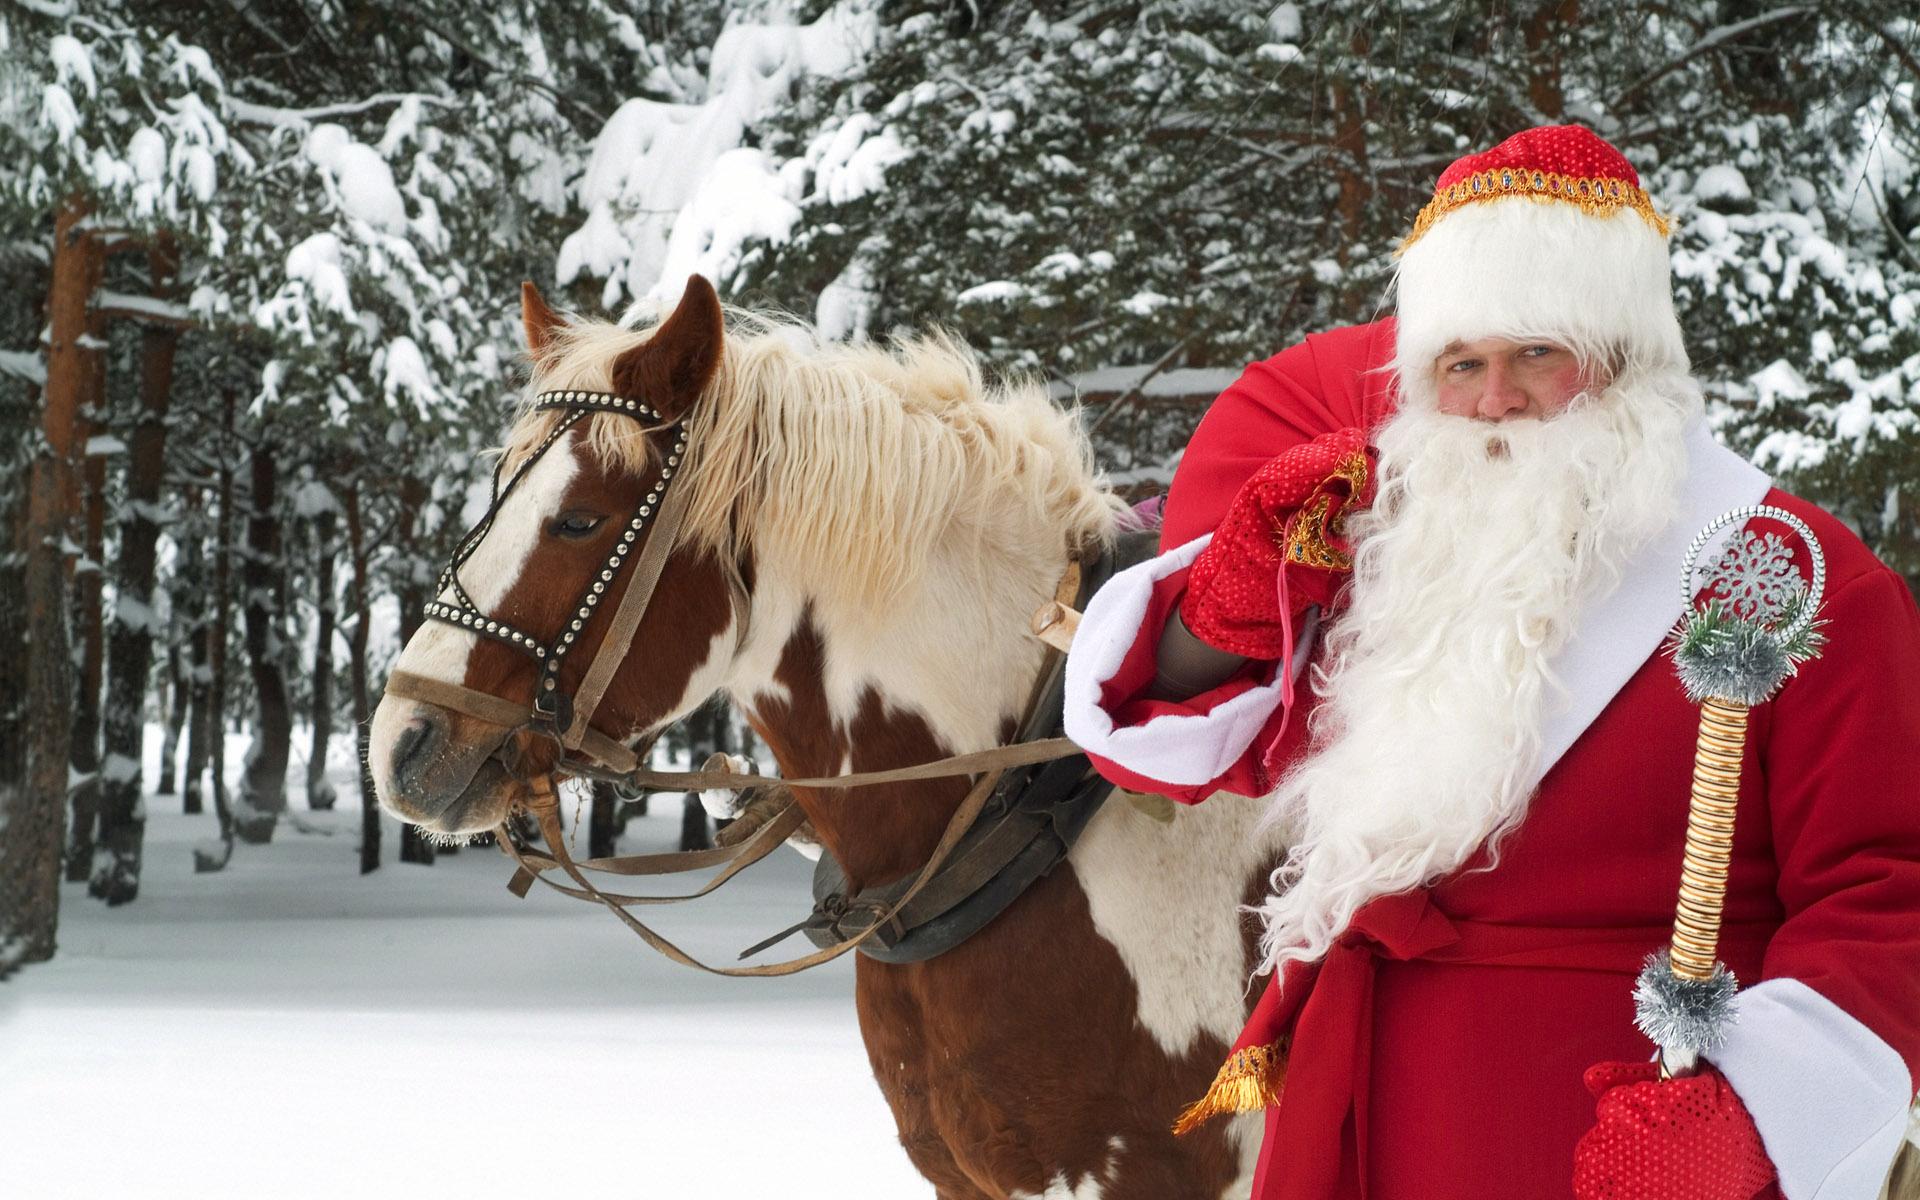 Mikołajowy koń